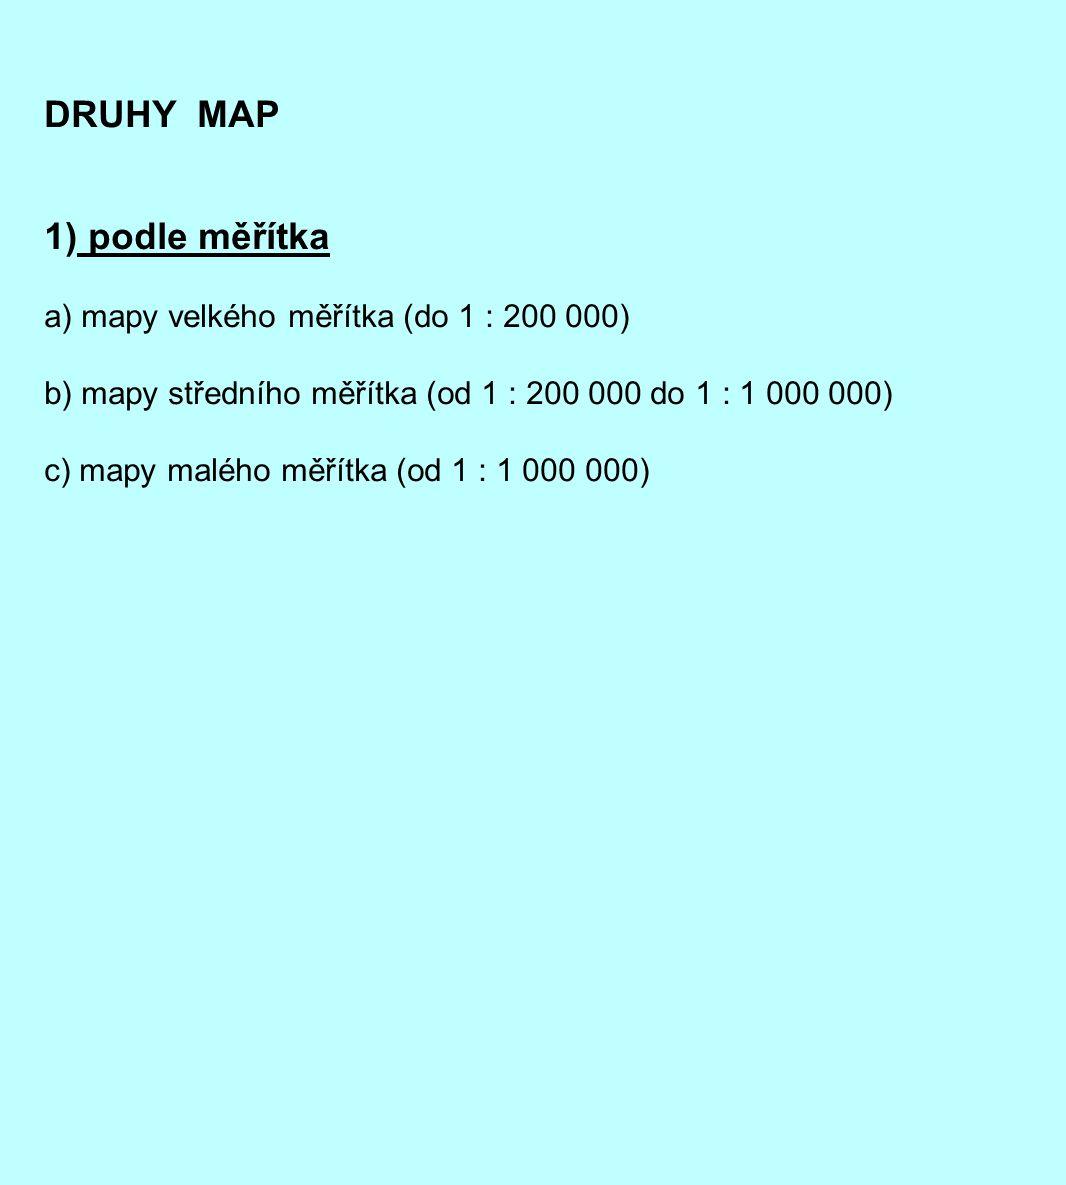 DRUHY MAP 1) podle měřítka a) mapy velkého měřítka (do 1 : 200 000)